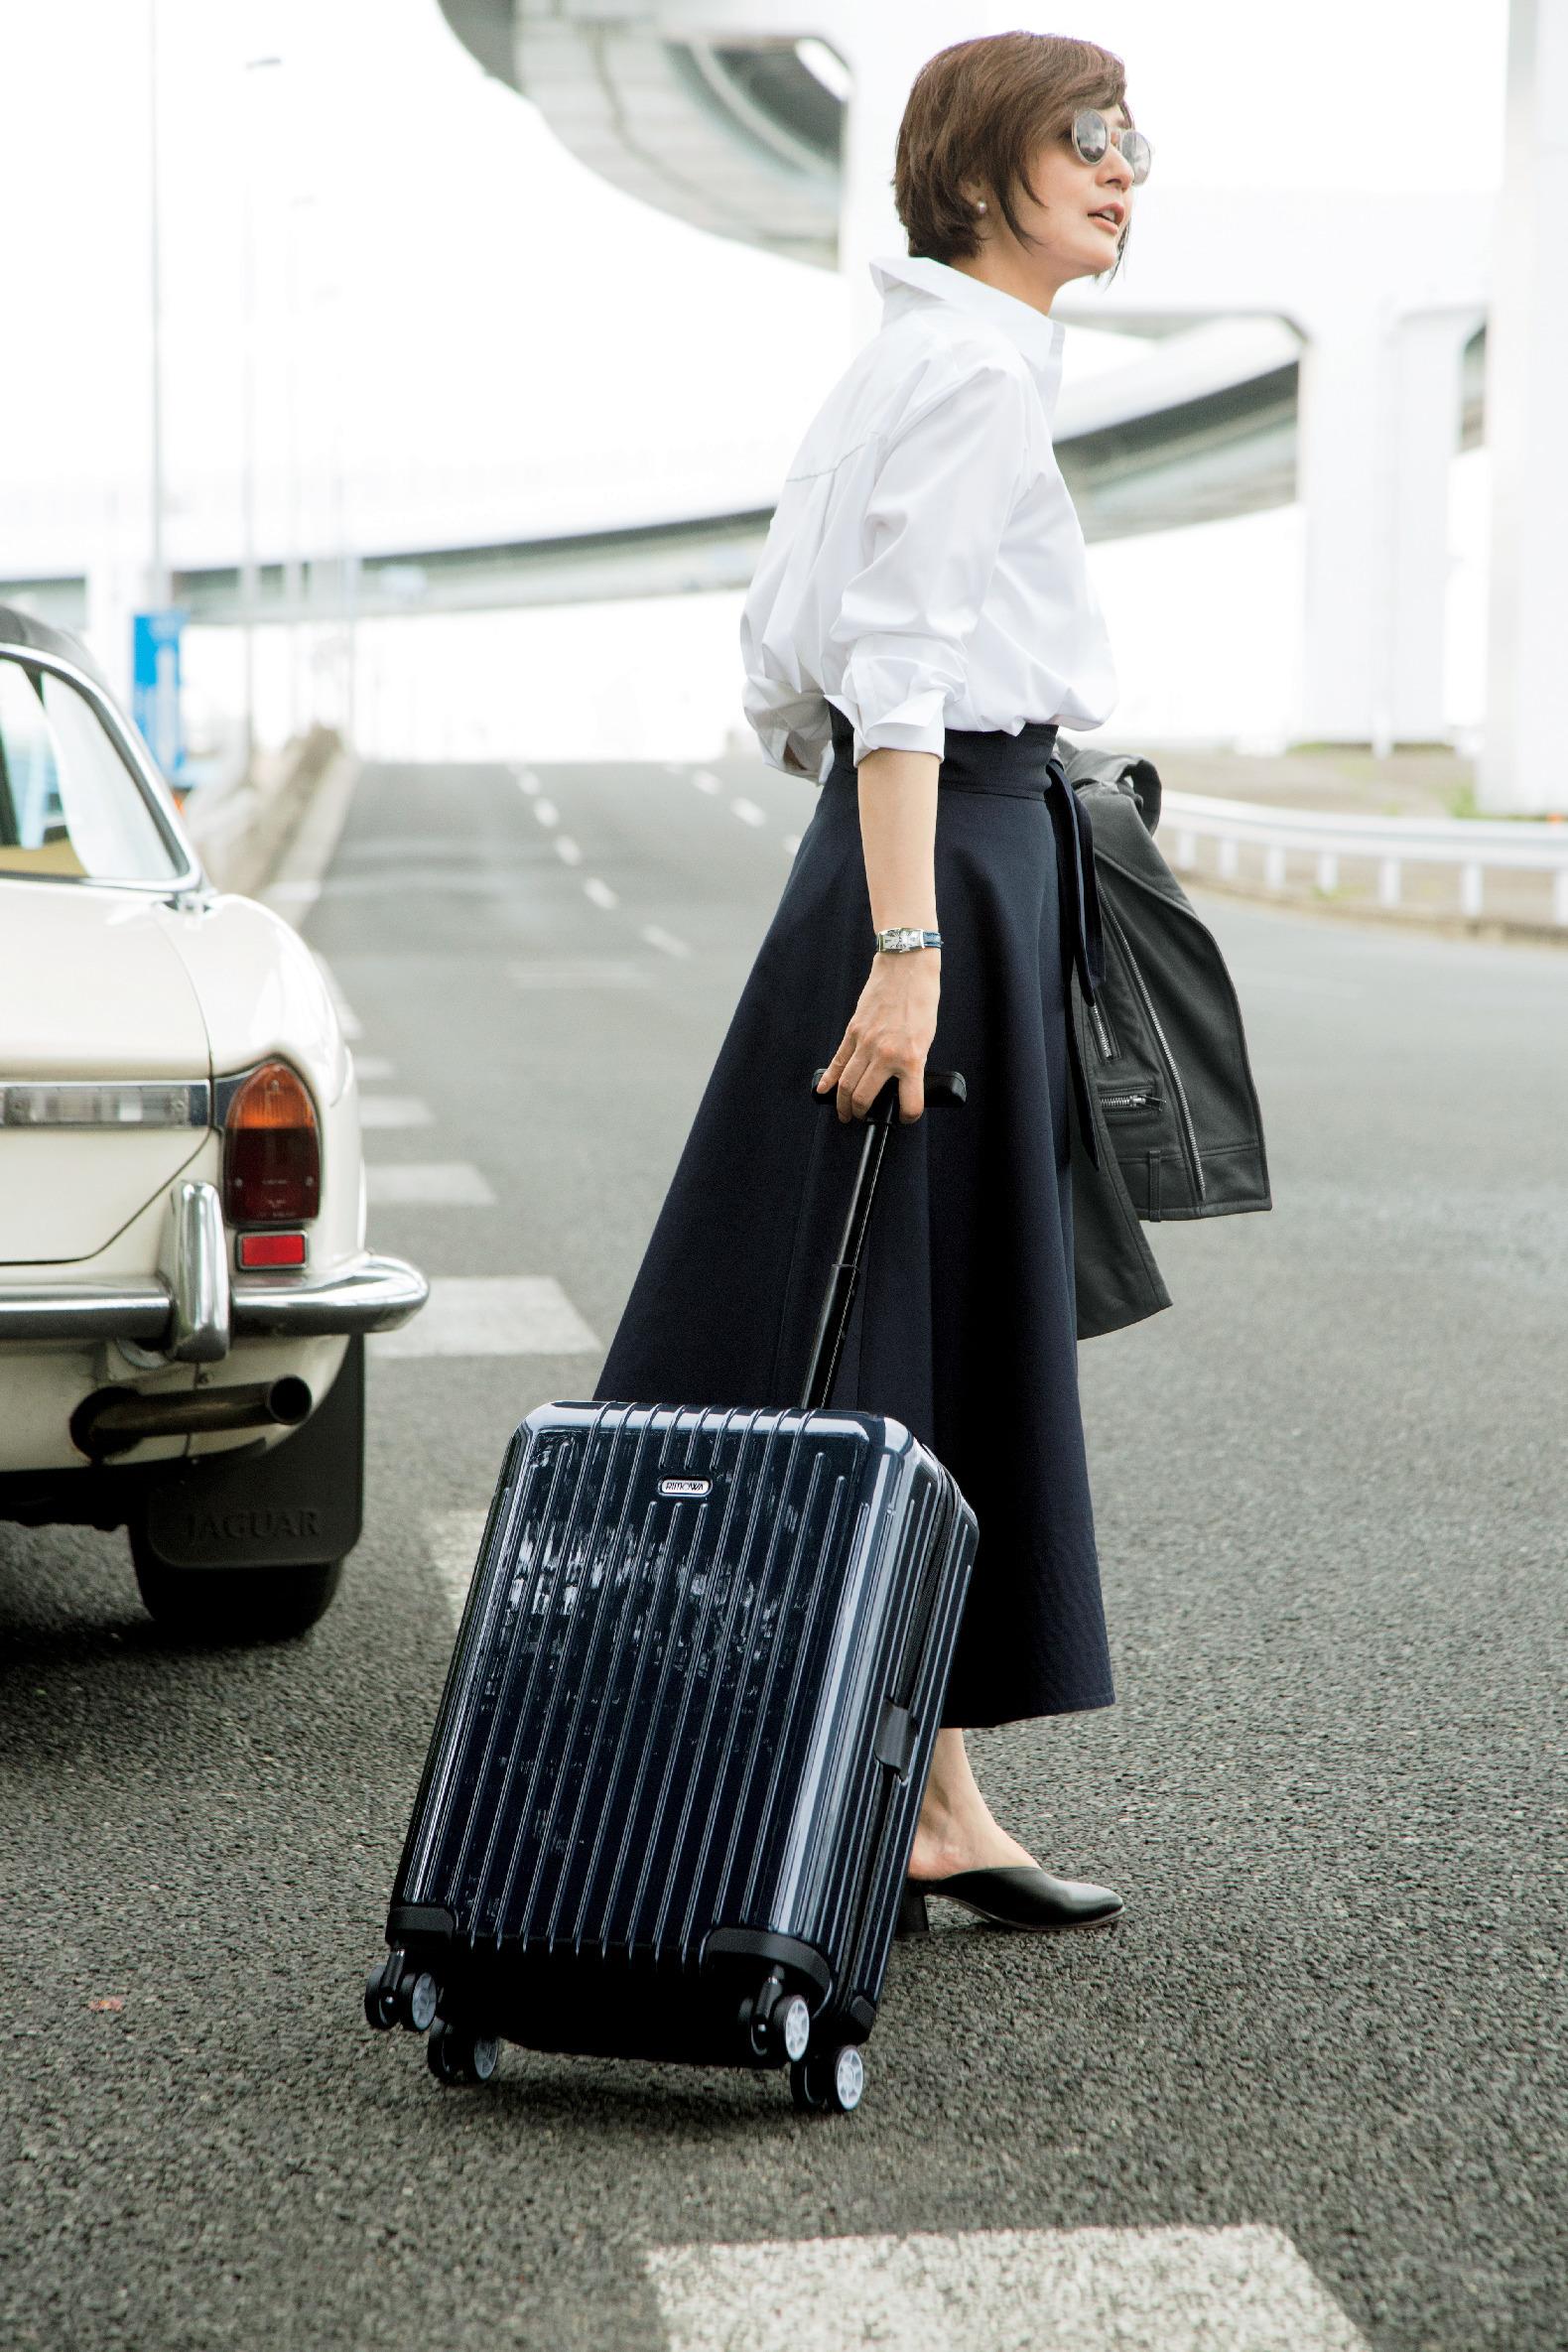 リモワで大人の旅スタイルを格上げ!世界のセレブに愛される旅の名品_1_1